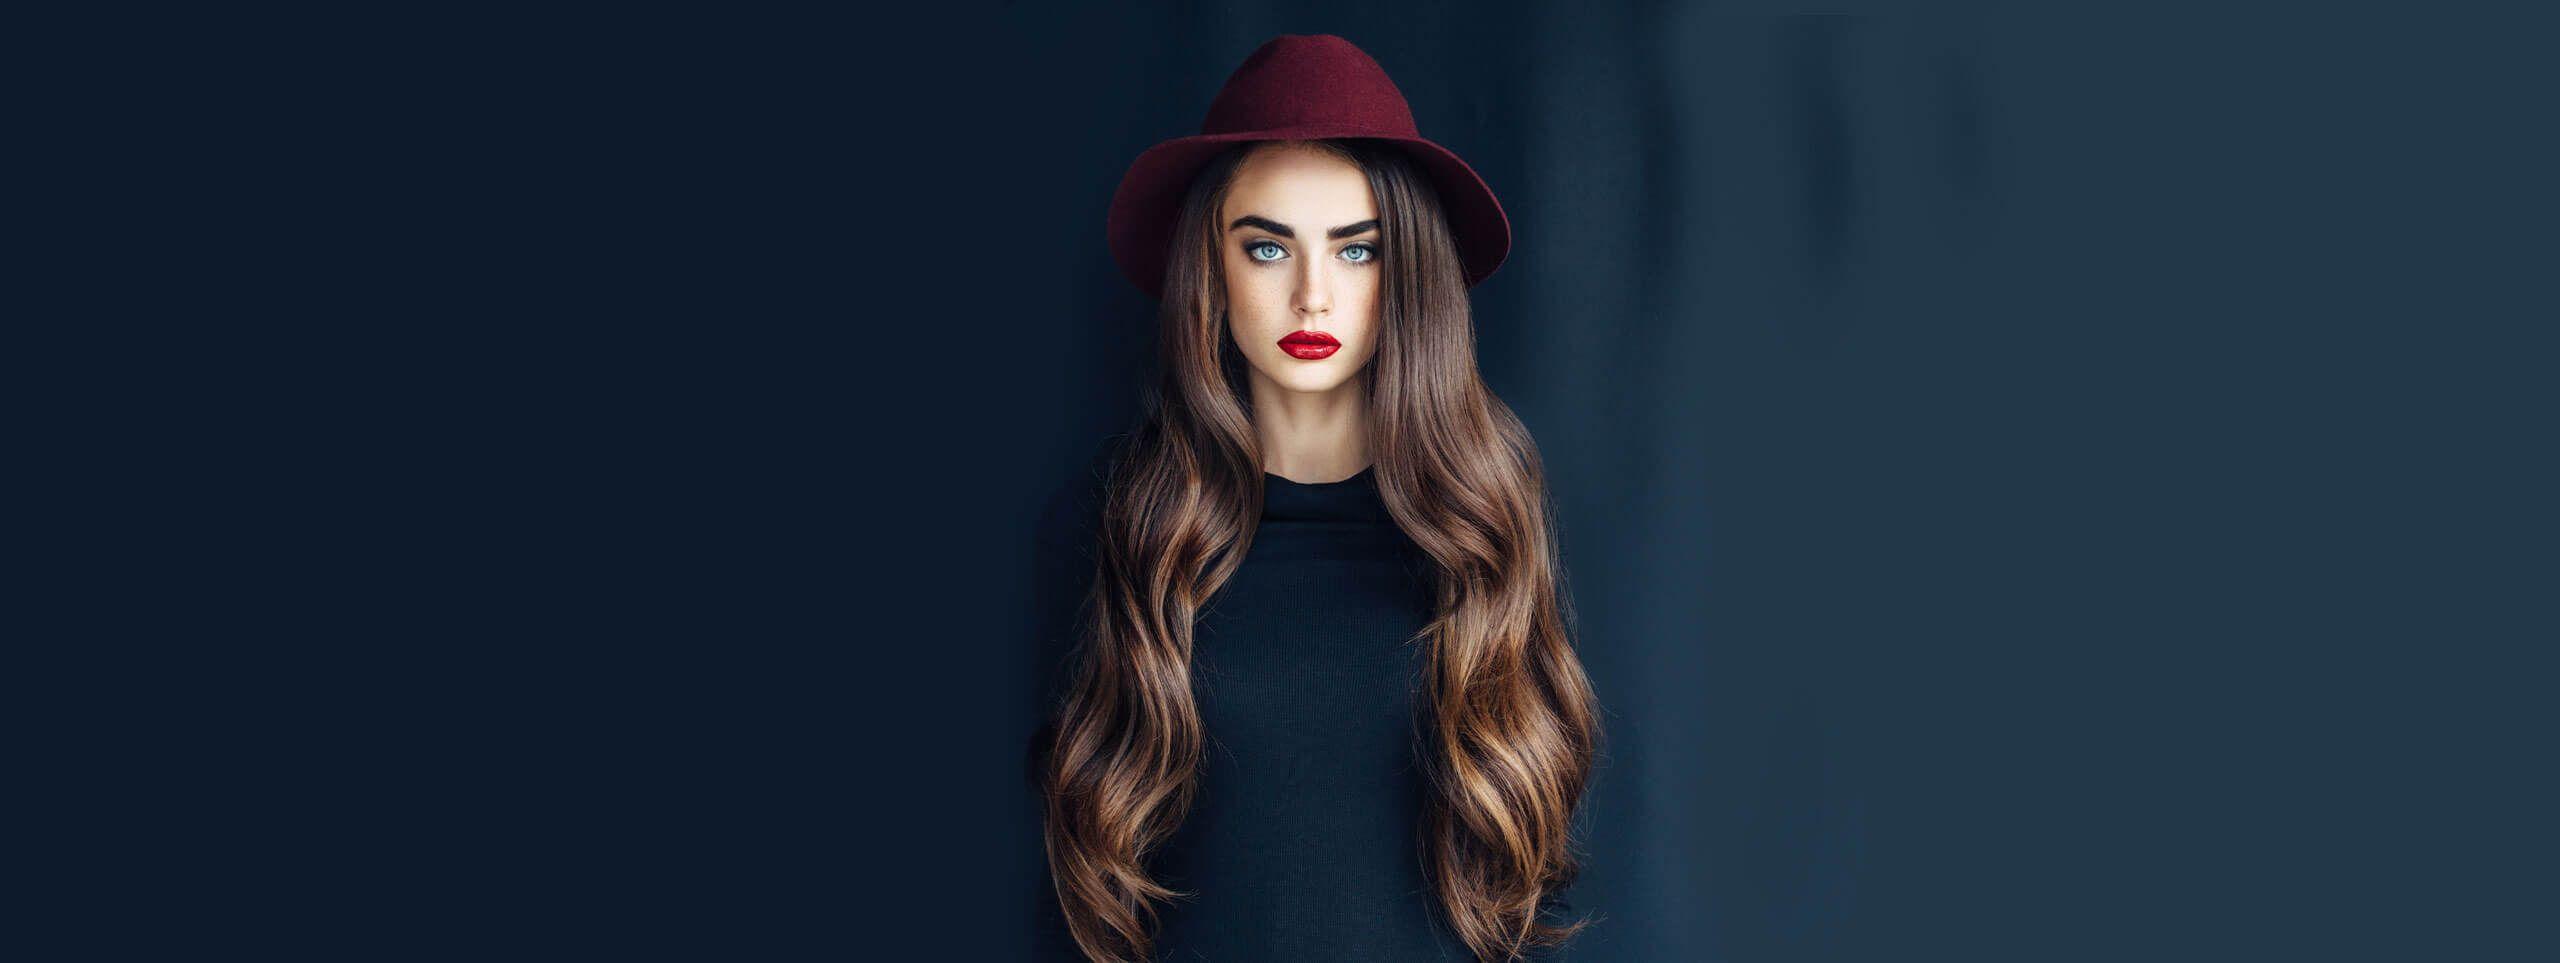 Kobieta z kapeluszem i długimi brązowymi włosami